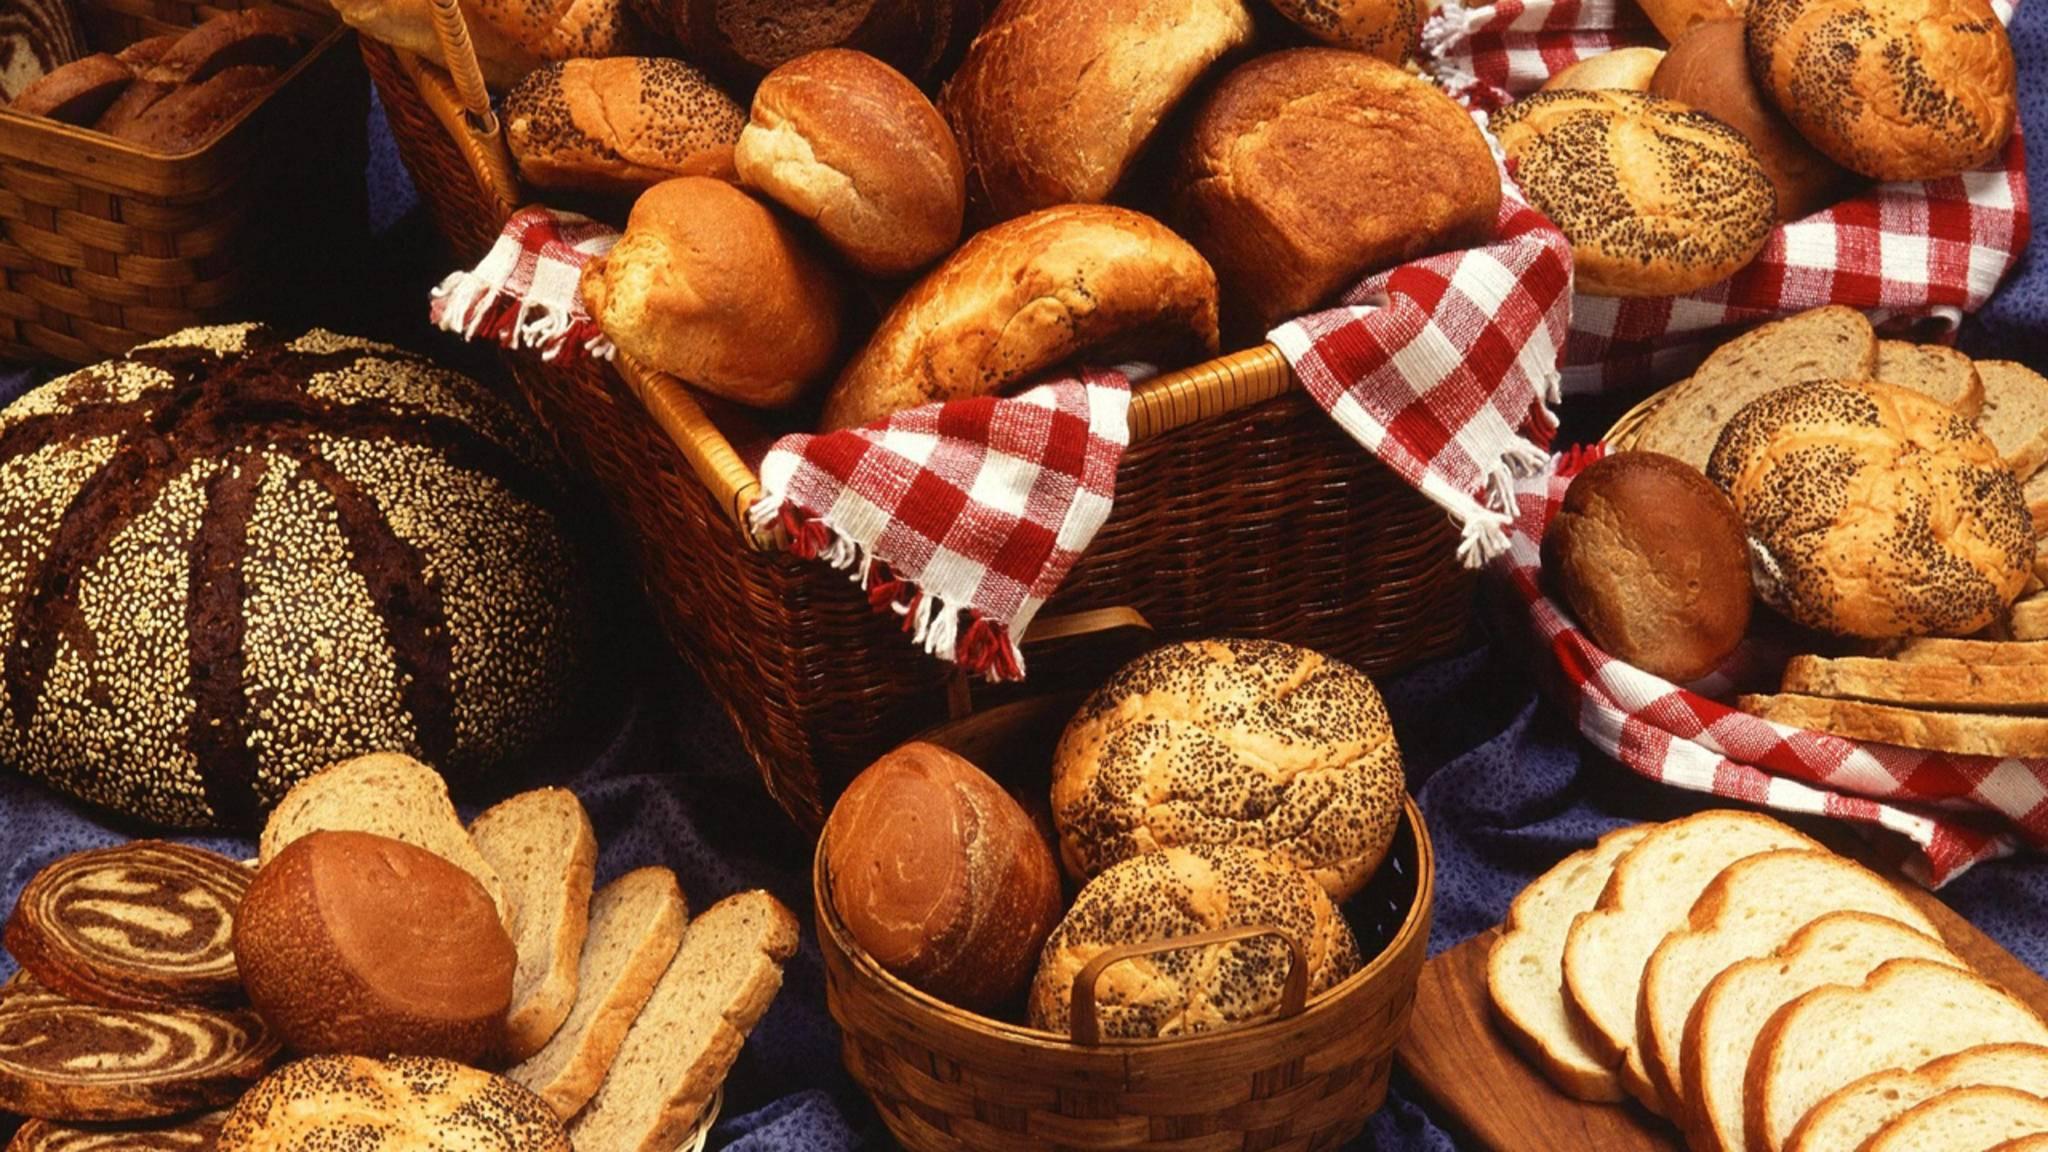 Das Klebereiweiß Gluten ist zum Beispiel in vielen Brotsorten enthalten. Schädlich ist es nur für Menschen mit einer eher seltenen Krankheit.